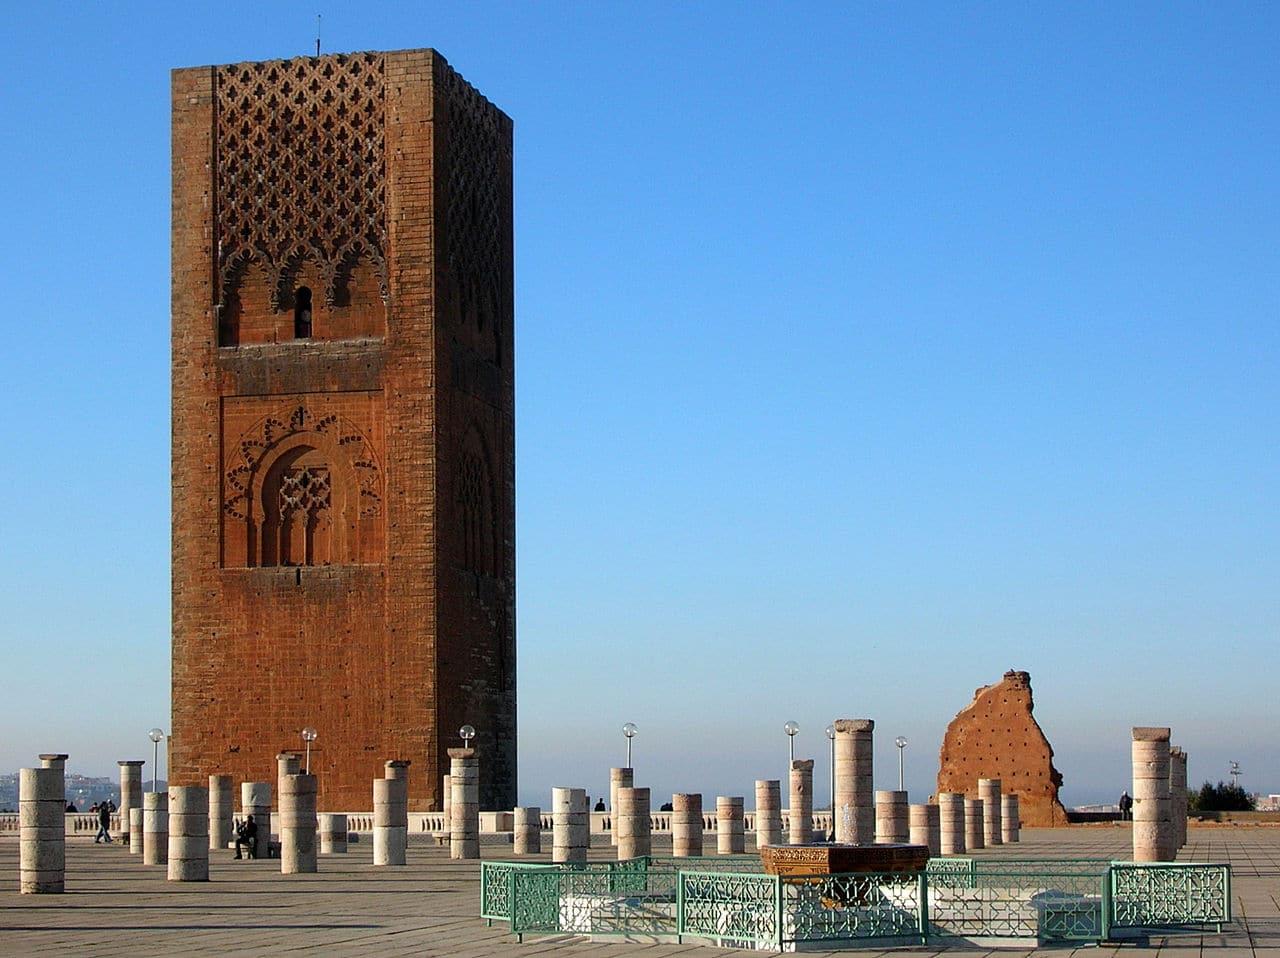 Vista de la Torre Hassan